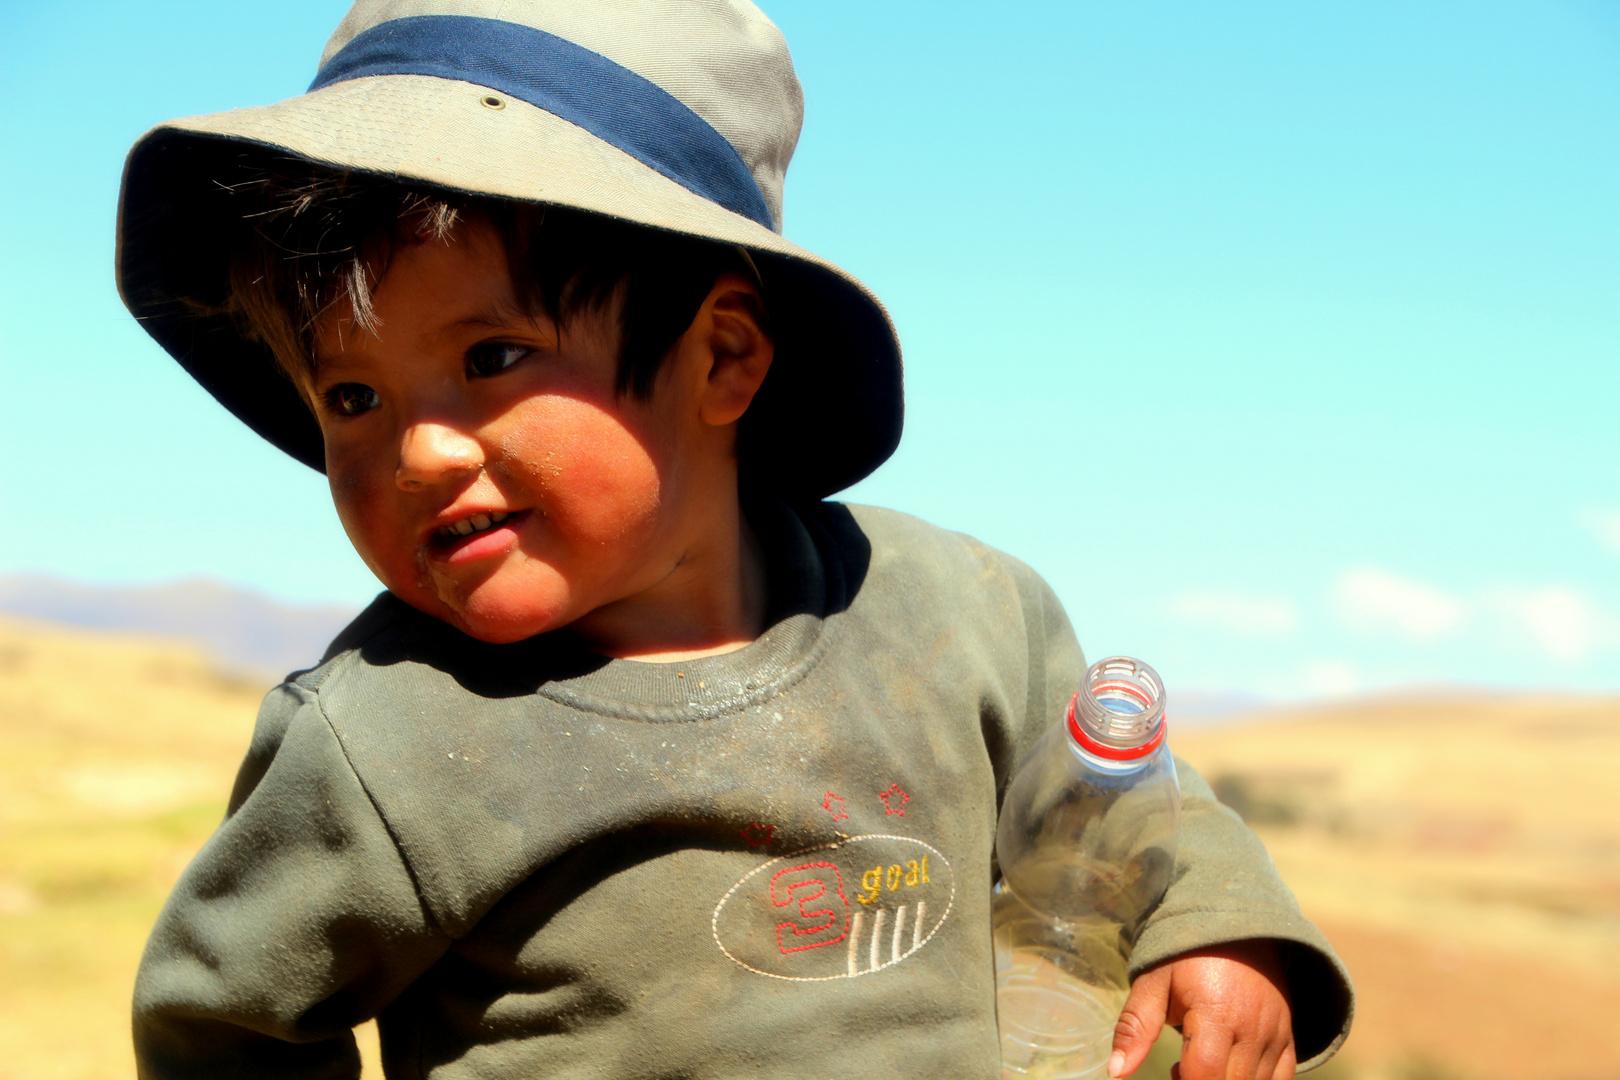 Amor de Peruano